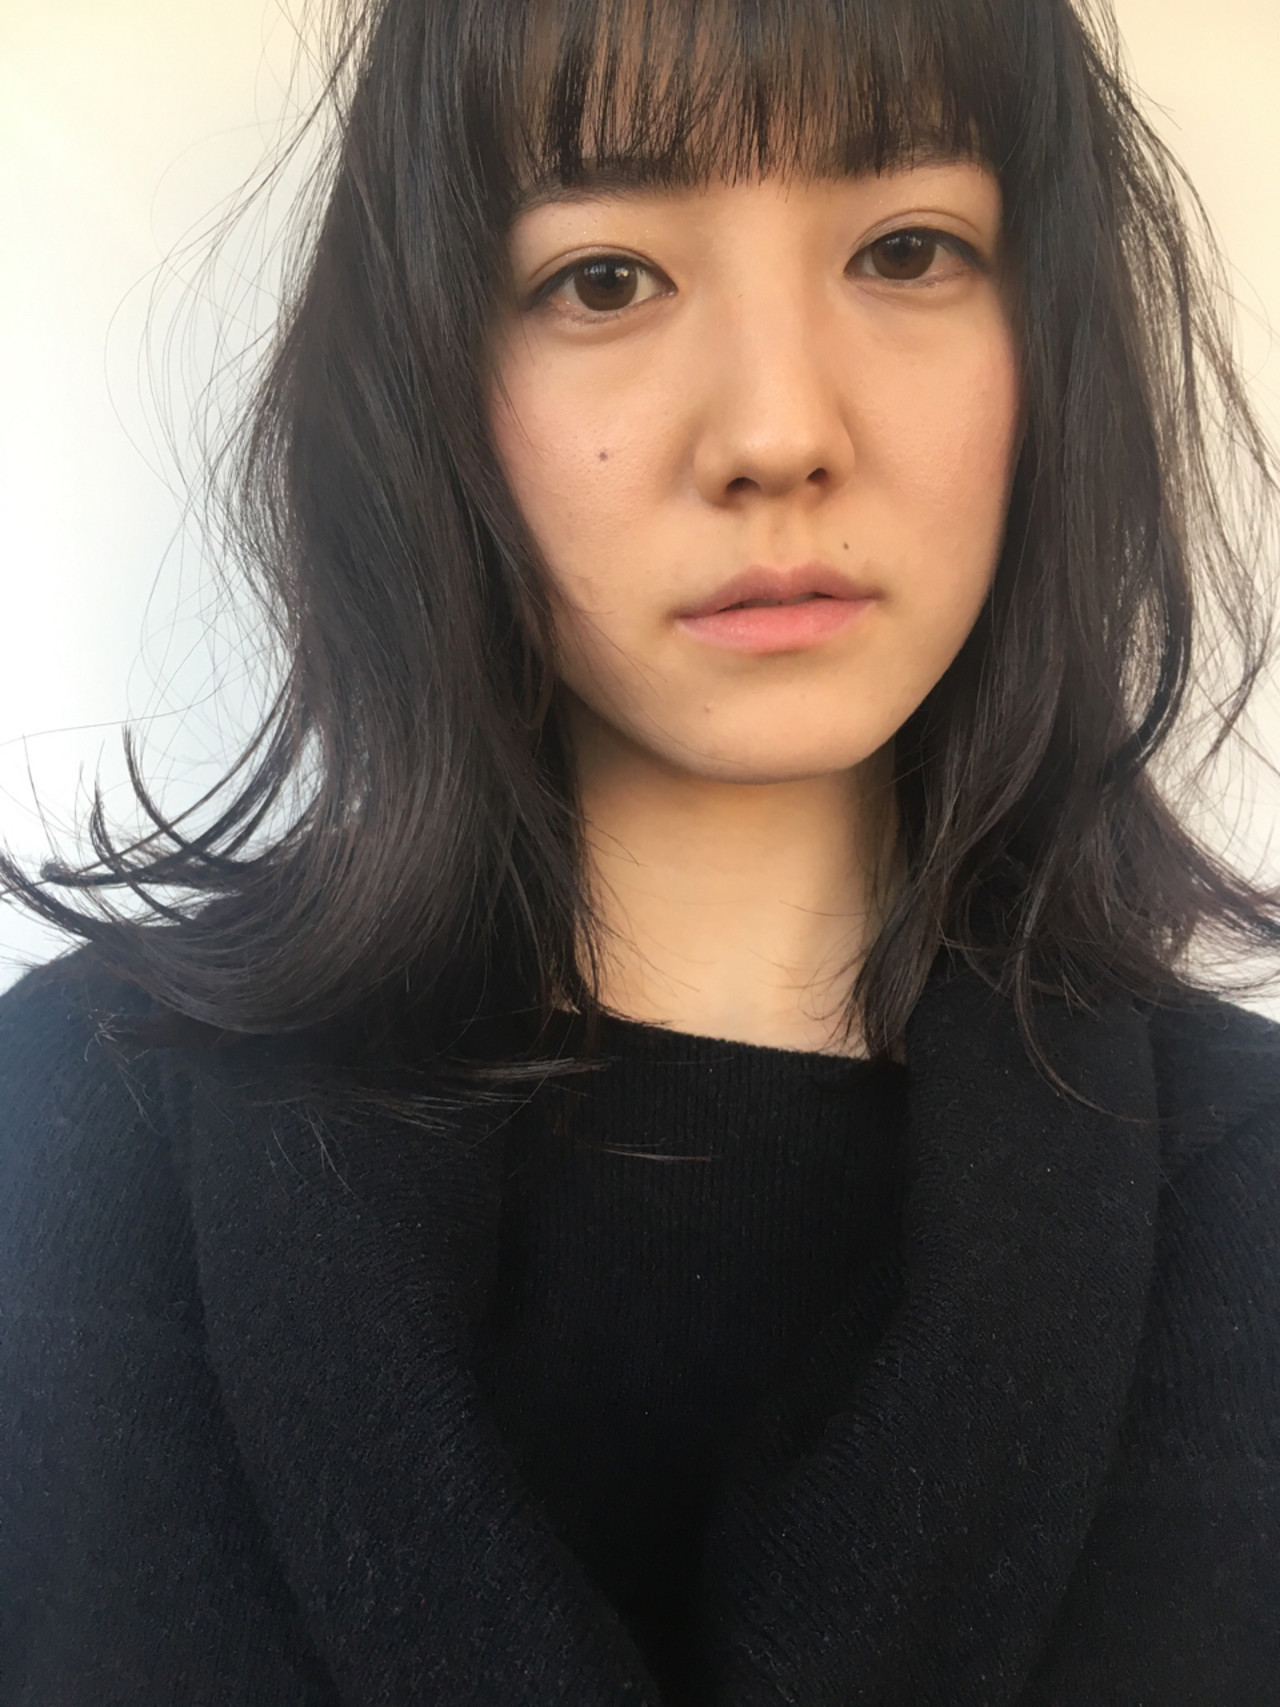 ゆったりしたカールで黒髪でも抜け感を演出 Yousuke Yamaura